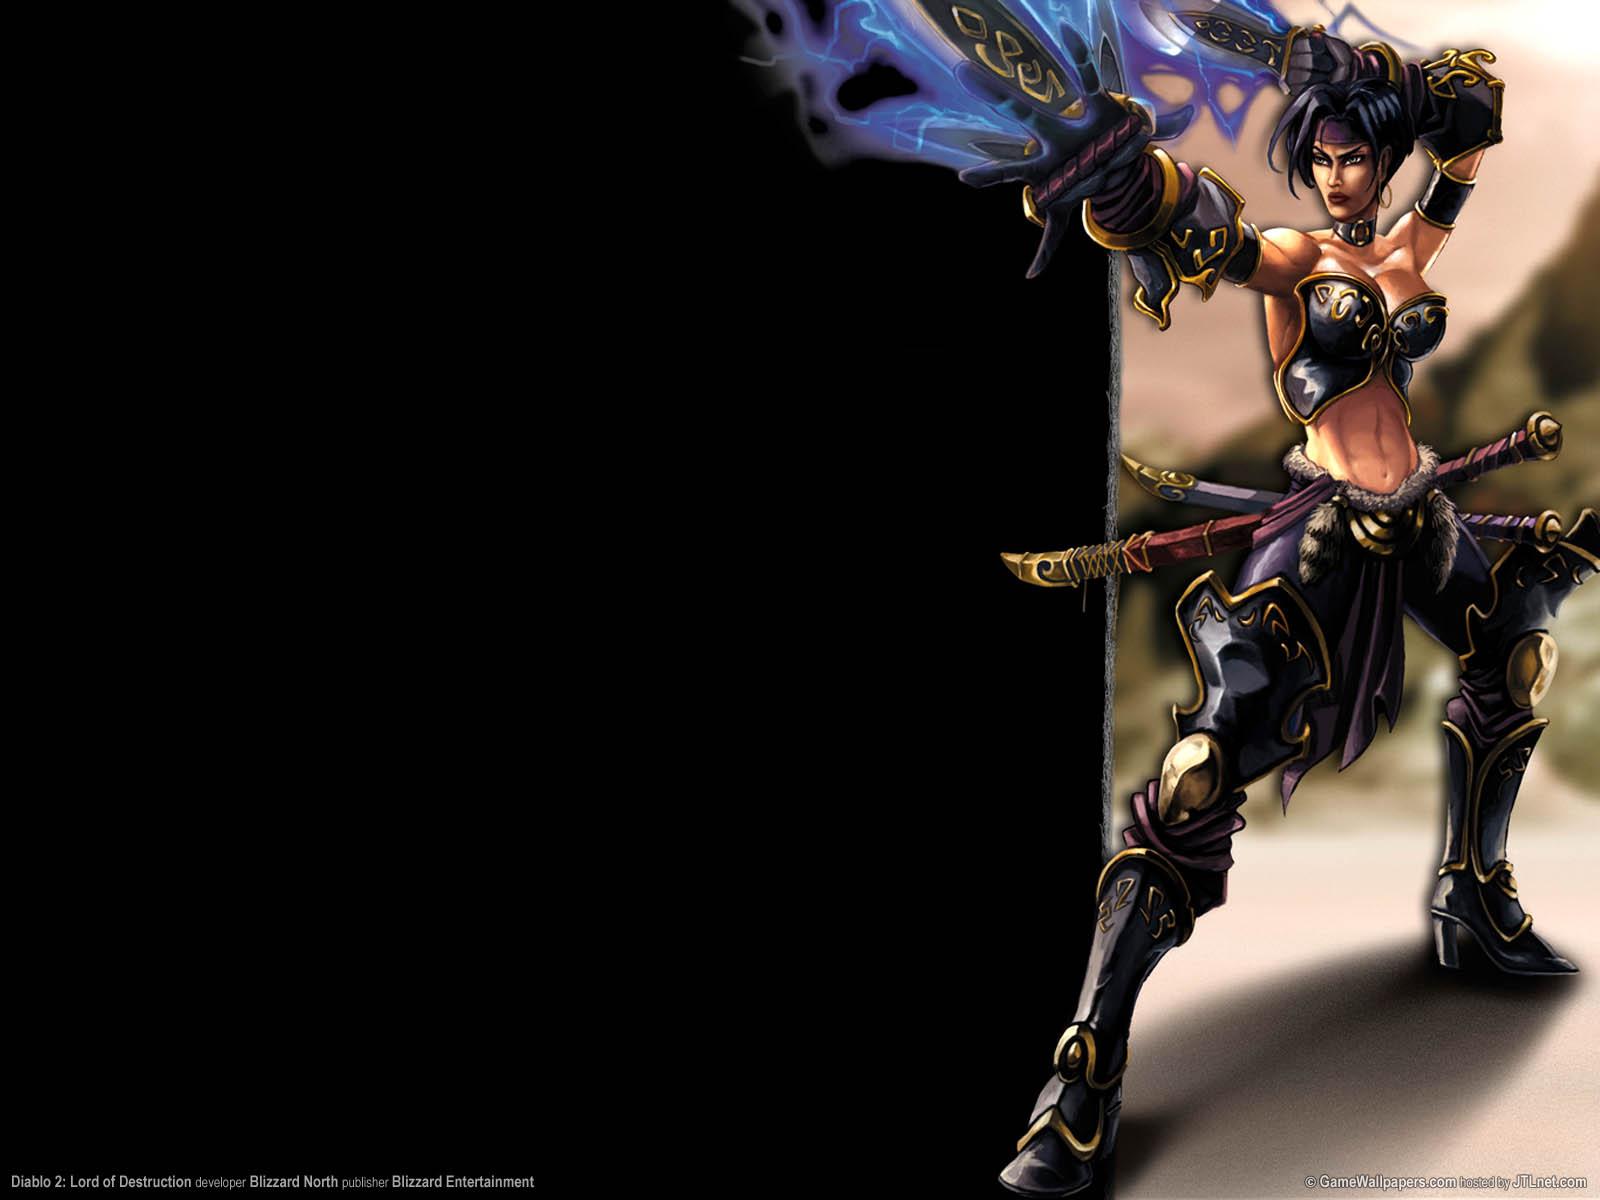 Diablo 2 Lord Of Destruction Wallpaper 01 1600x1200